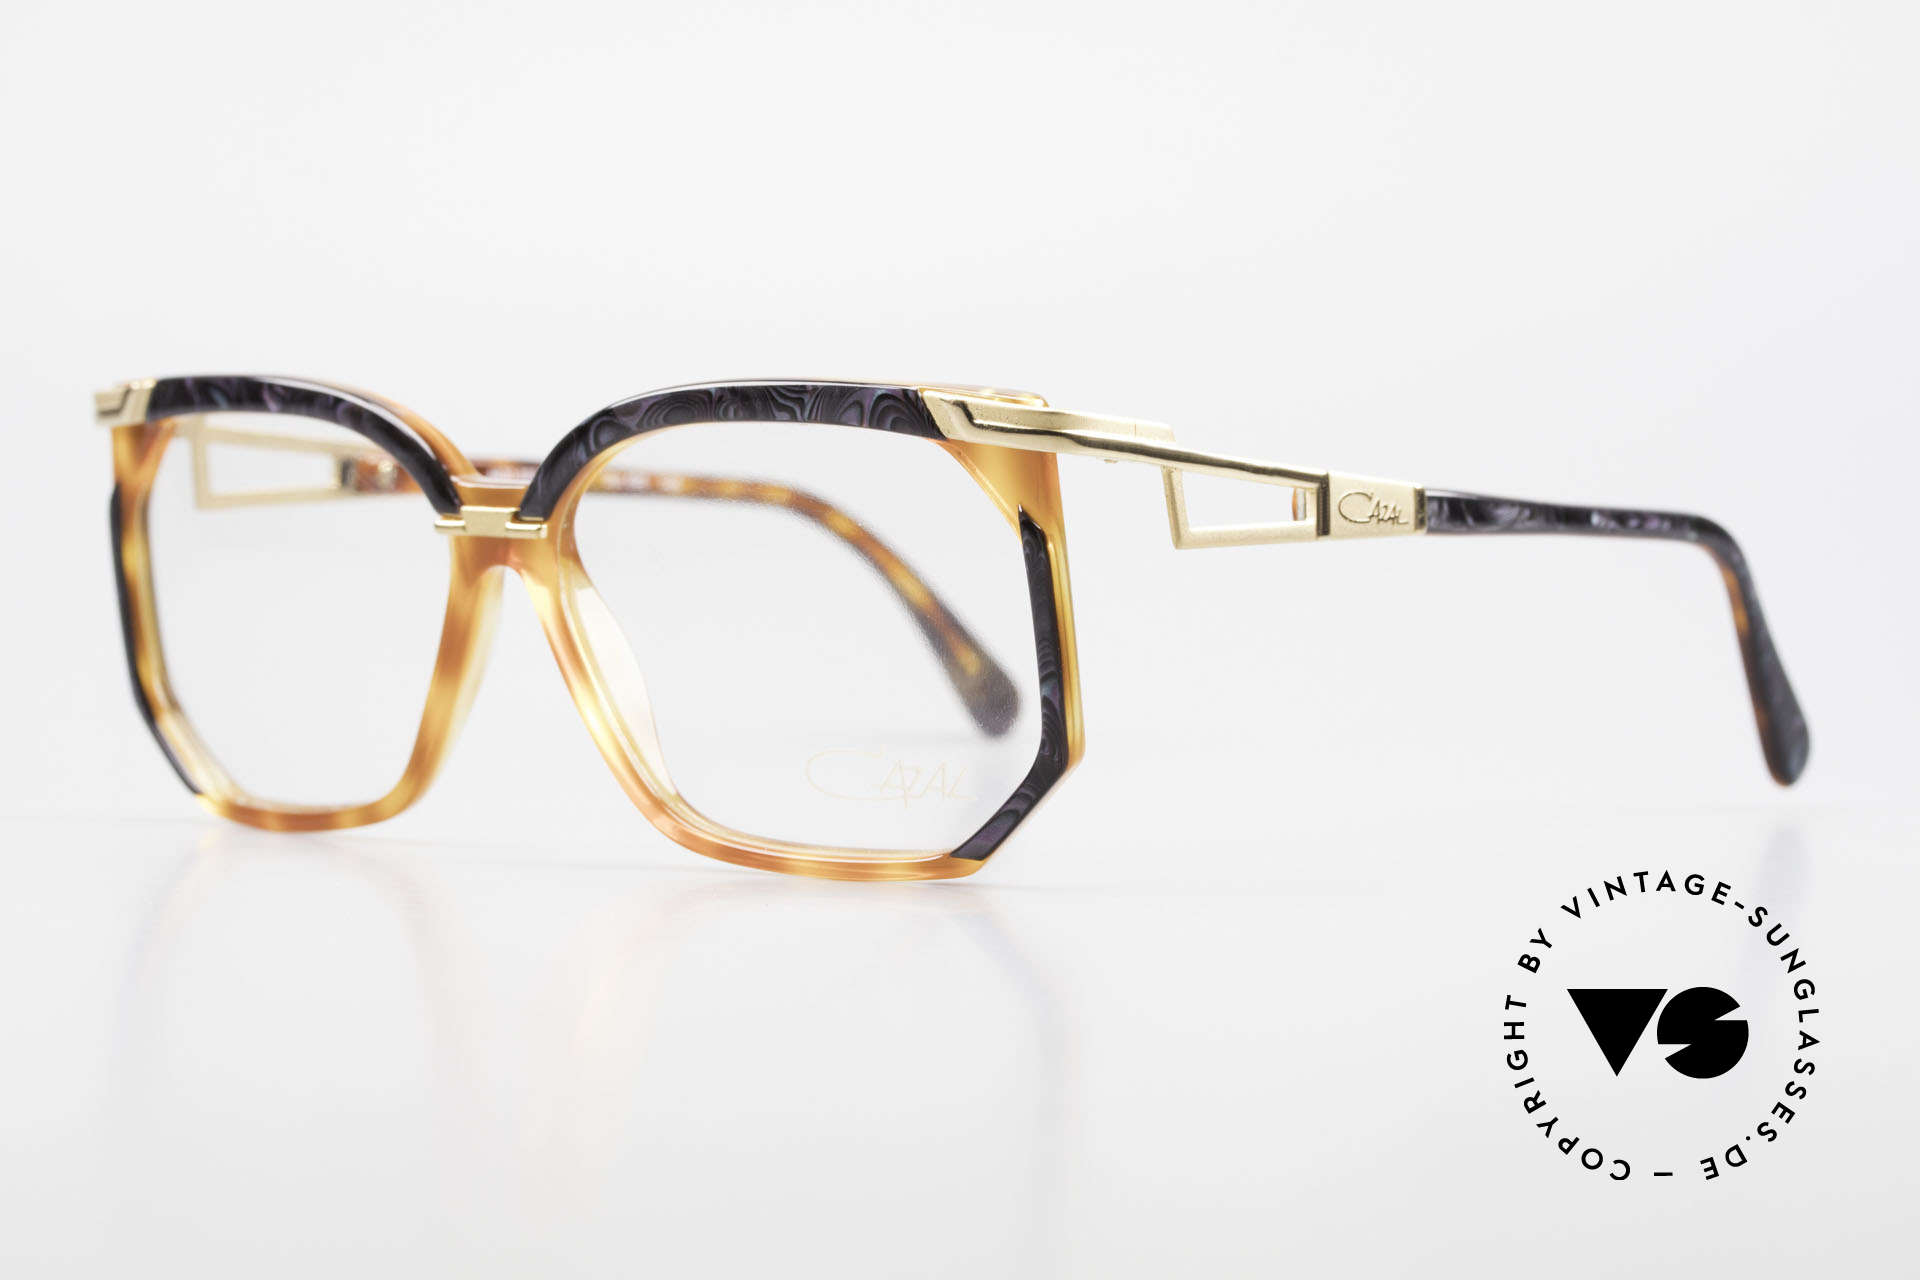 Cazal 333 Echt Vintage HipHop Brille 90s, tolle Kombination von Farbe, Form & Materialien, Passend für Herren und Damen